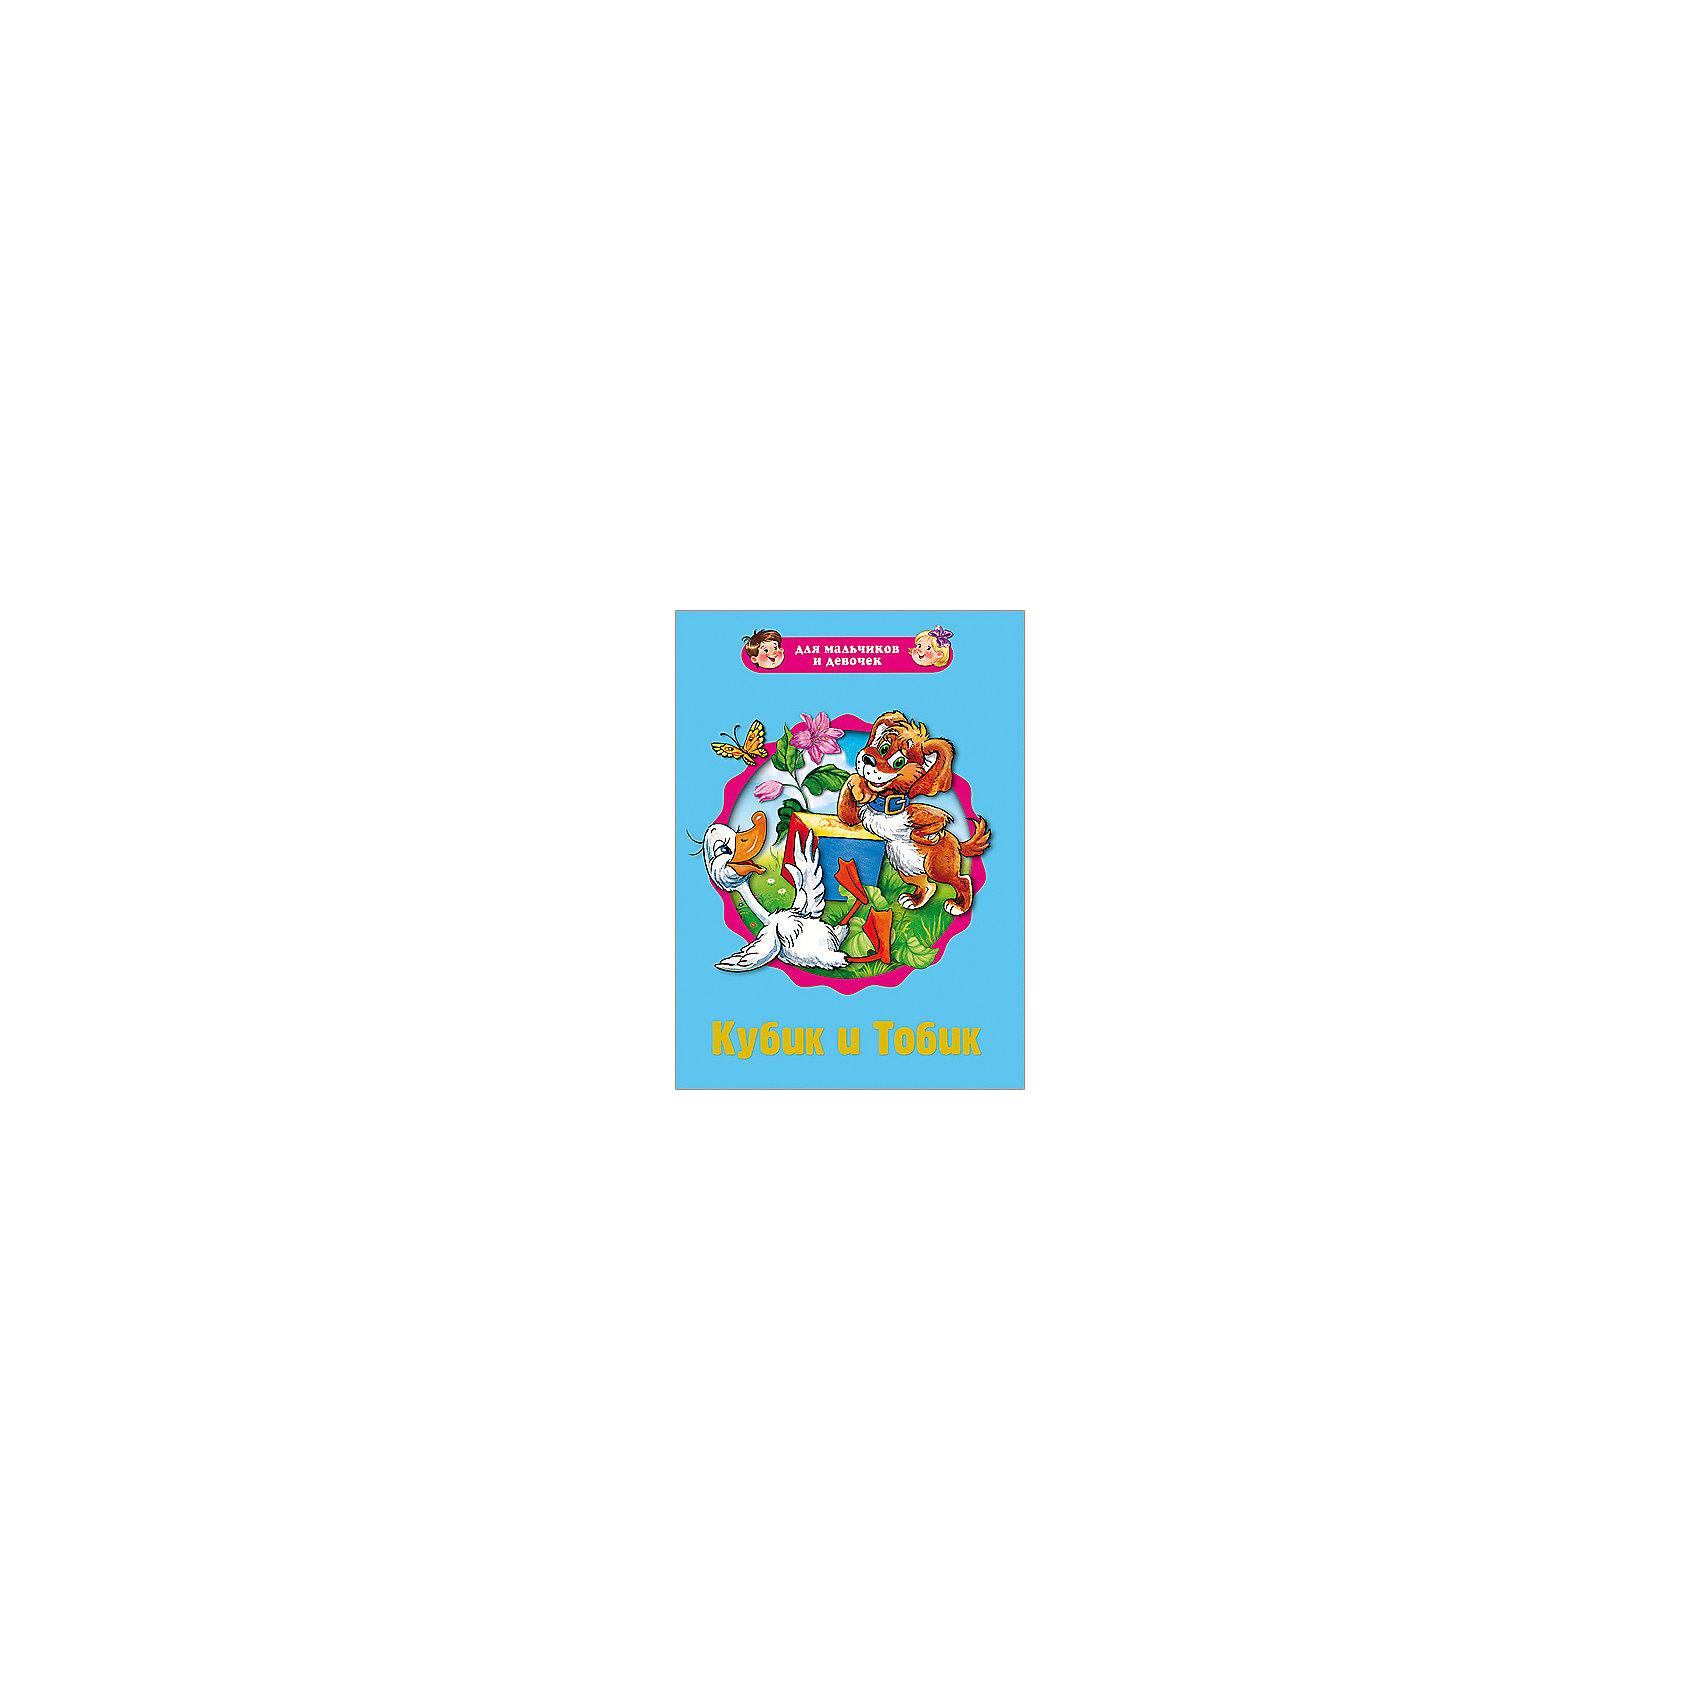 Проф-Пресс Для мальчиков и девочек. Кубик и Тобик проф пресс 978 5 378 02167 3